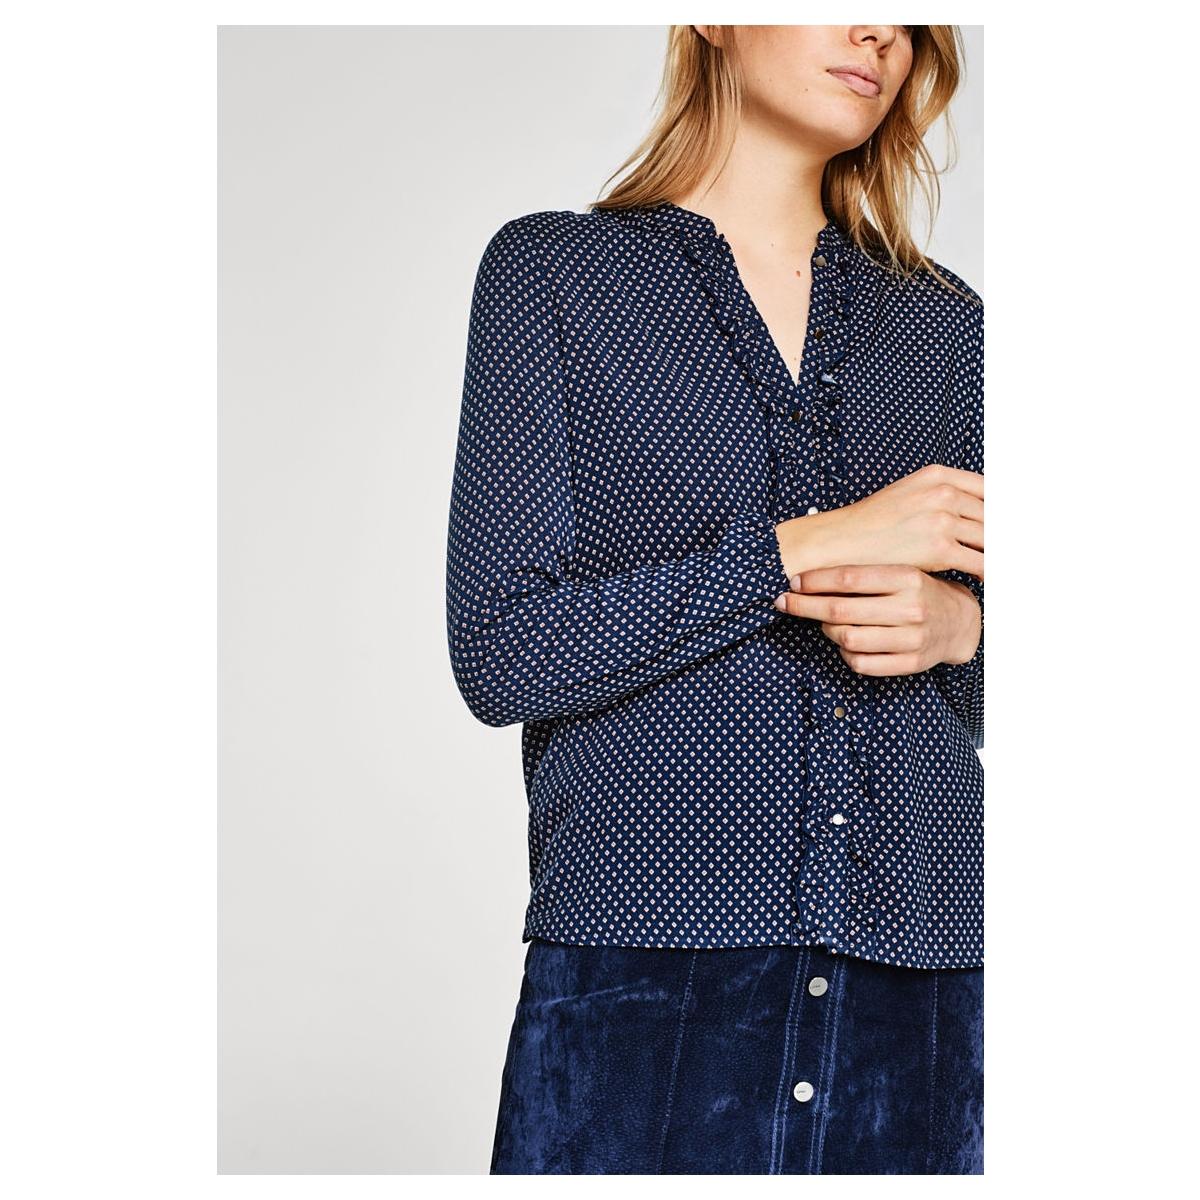 107ee1f025 esprit blouse e416